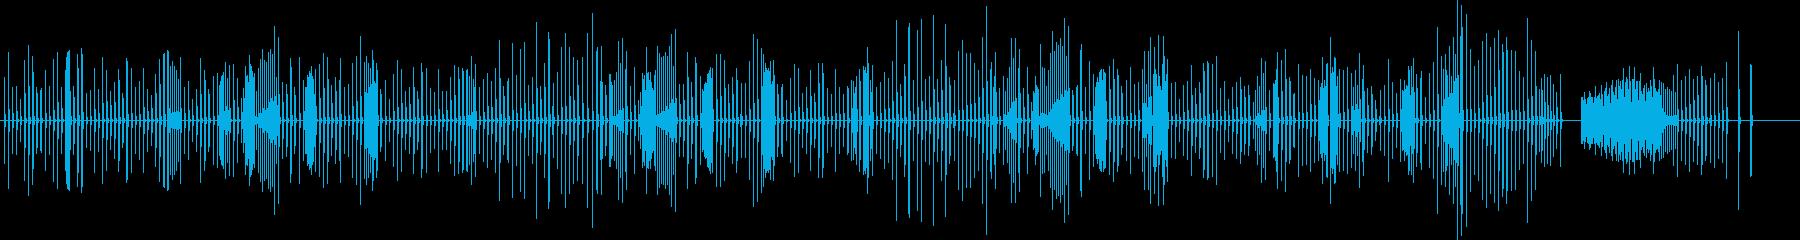 ショパン ノクターン ファミコン音の再生済みの波形